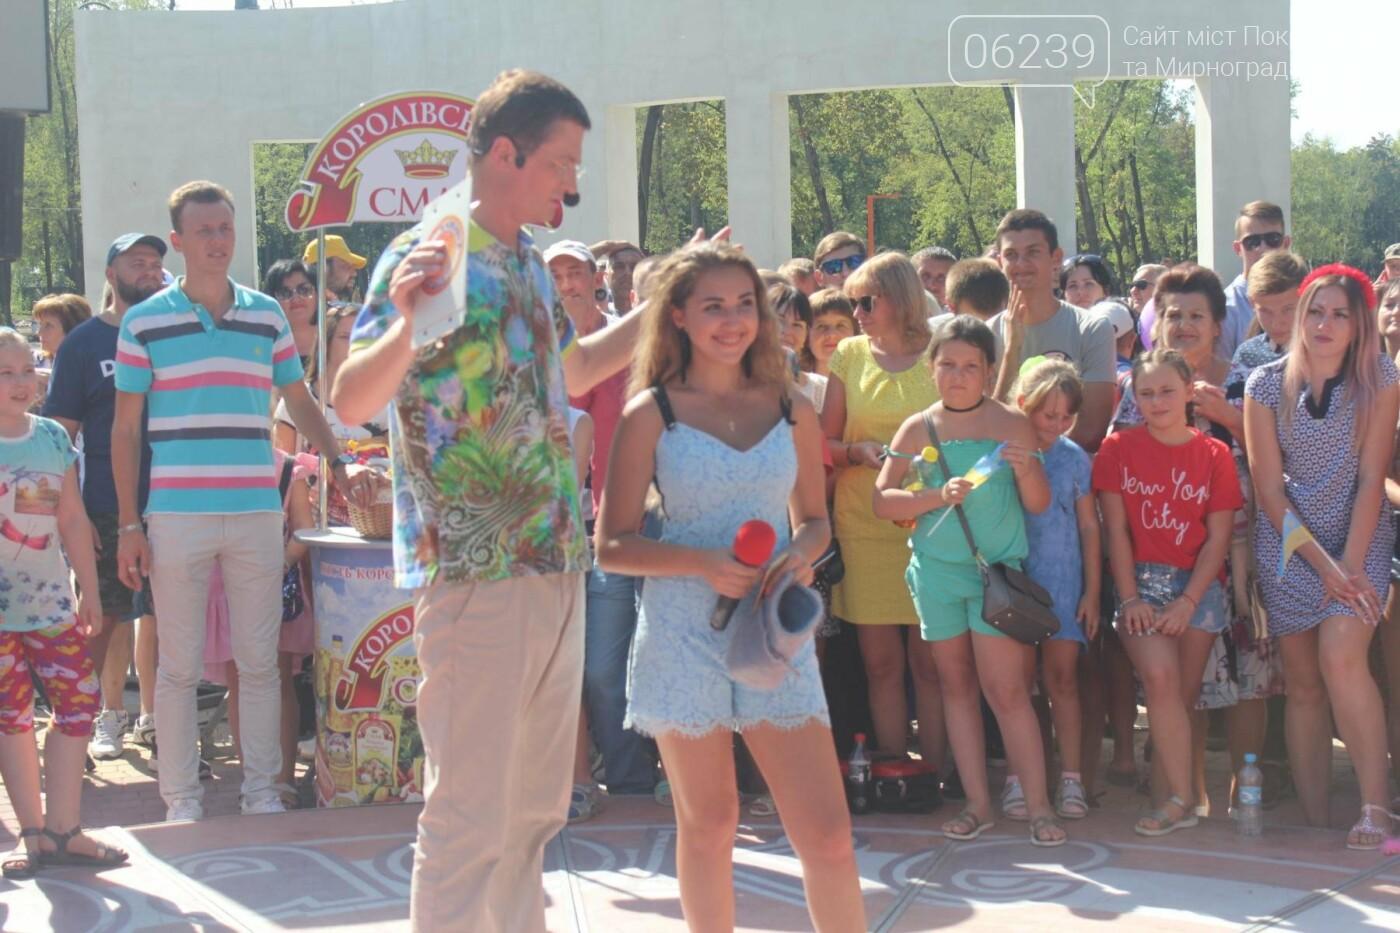 """Покровск показал свои таланты: в городе отсняли два выпуска телепередачи """"Караоке на майдане"""", фото-7"""